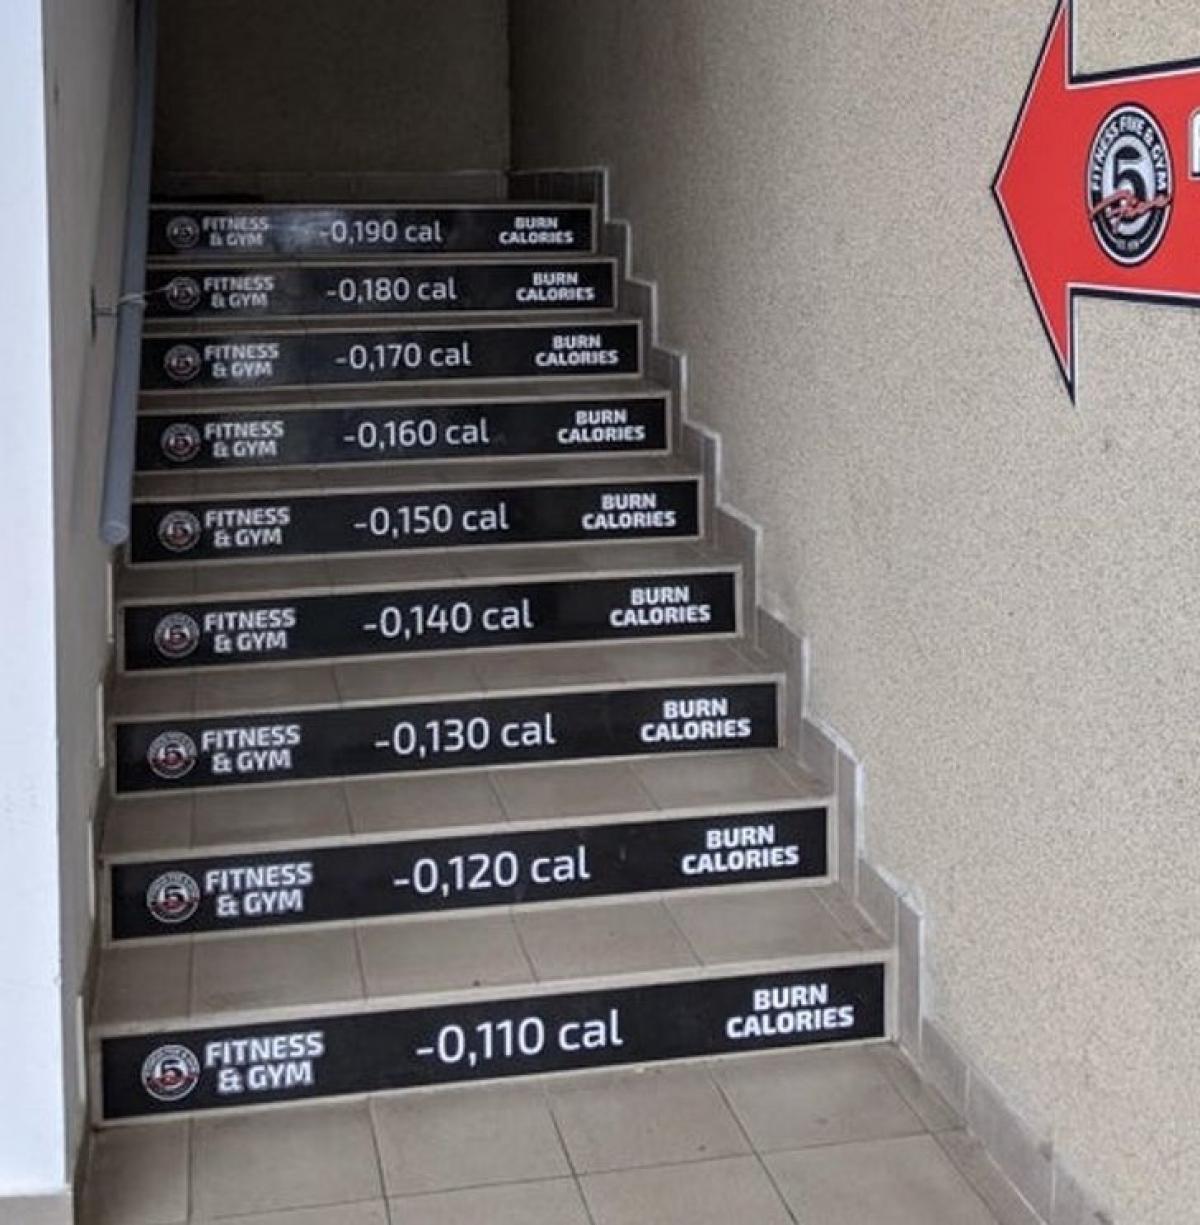 Câu lạc bộ gym đã cụ thể hóa chính xác lượng calo tiêu tốn khi bạn đi từng bậc cầu thang bộ lên phòng tập. Việc thông tin cụ thể những kết quả của mỗi hành động được chứng minh sẽ tạo động lực khuyến khích con người hoàn thành công việc đề ra.